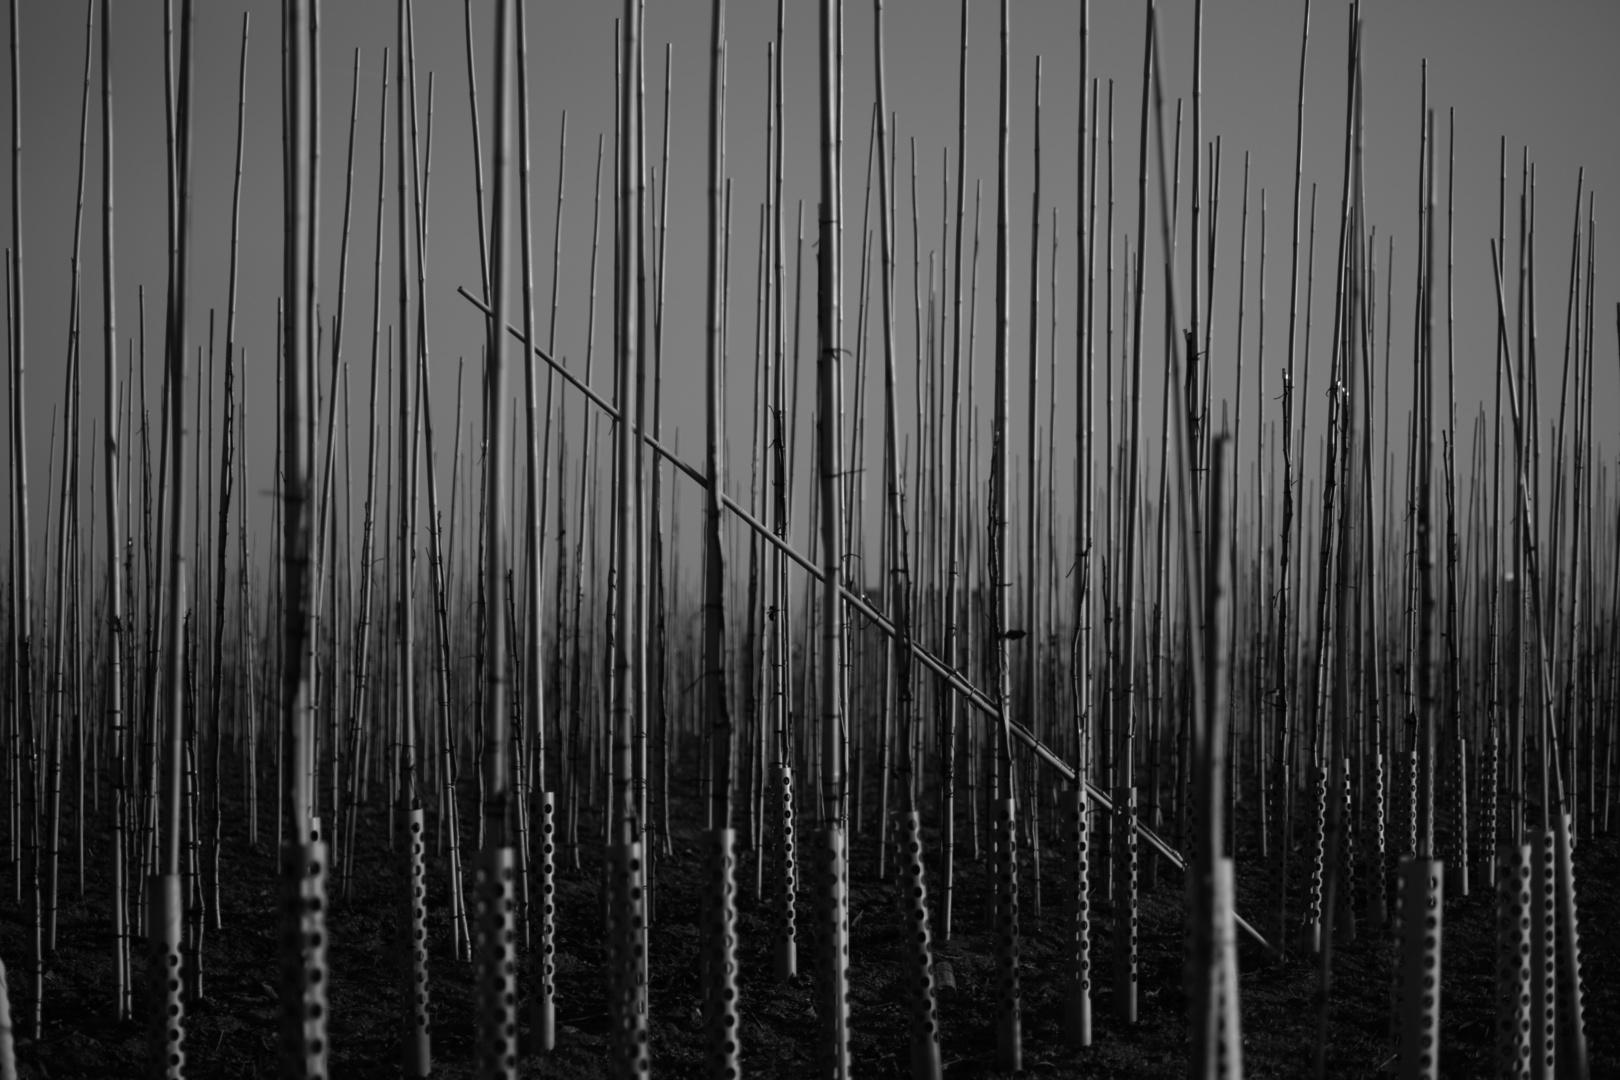 Bambus. Heer.